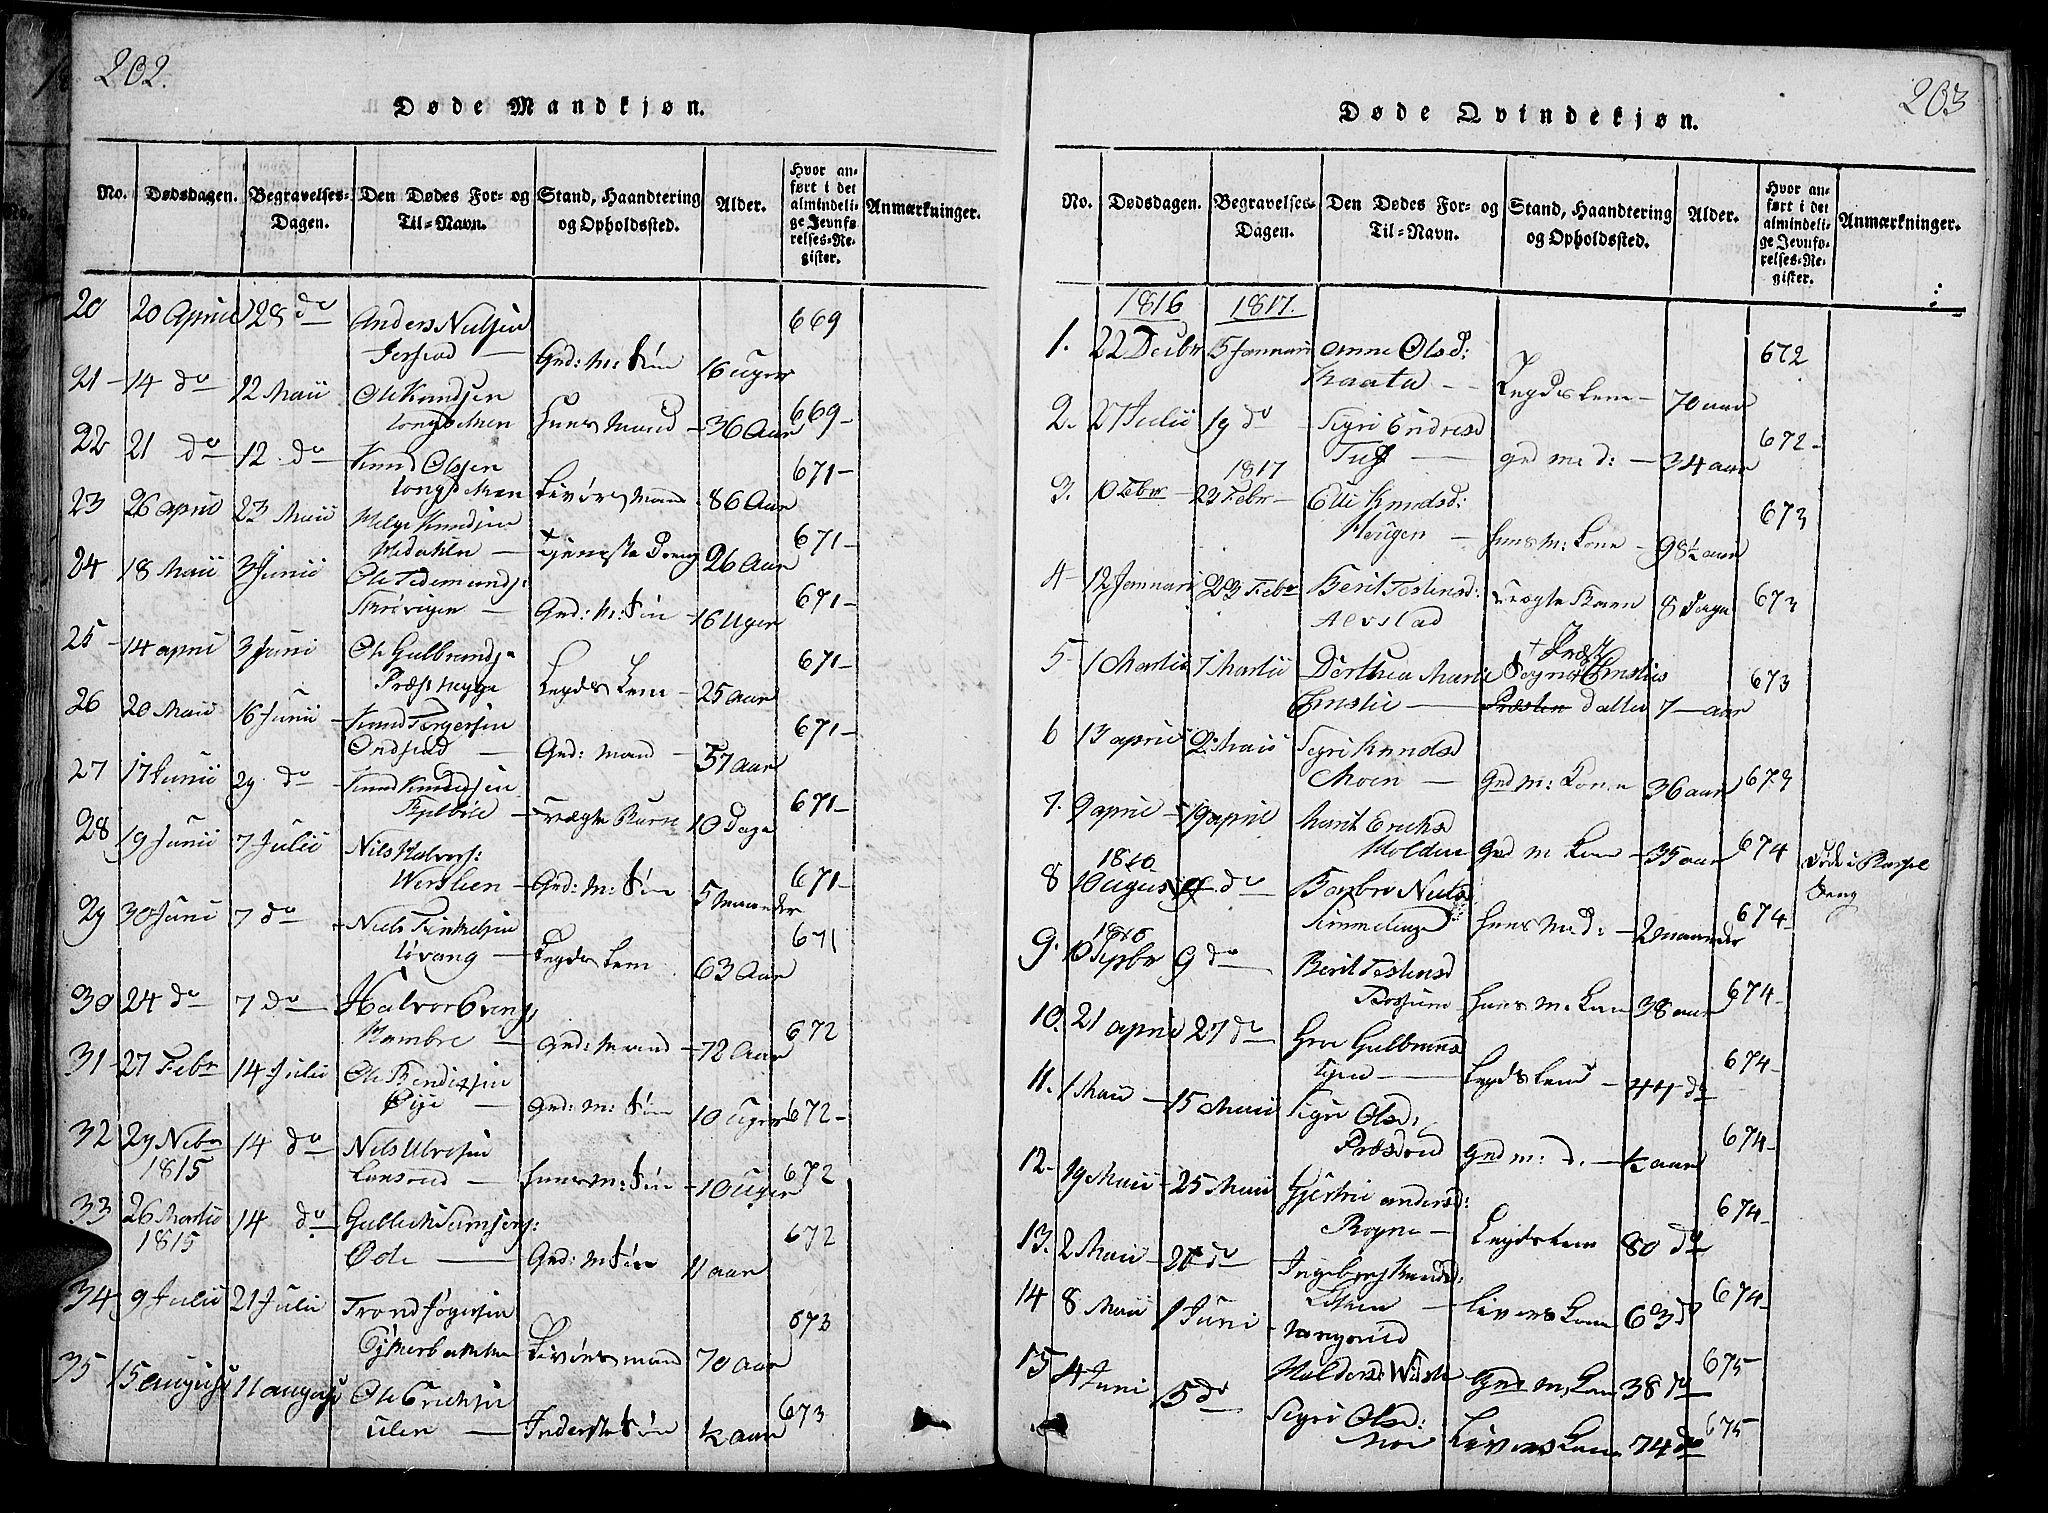 SAH, Slidre prestekontor, Ministerialbok nr. 2, 1814-1830, s. 202-203